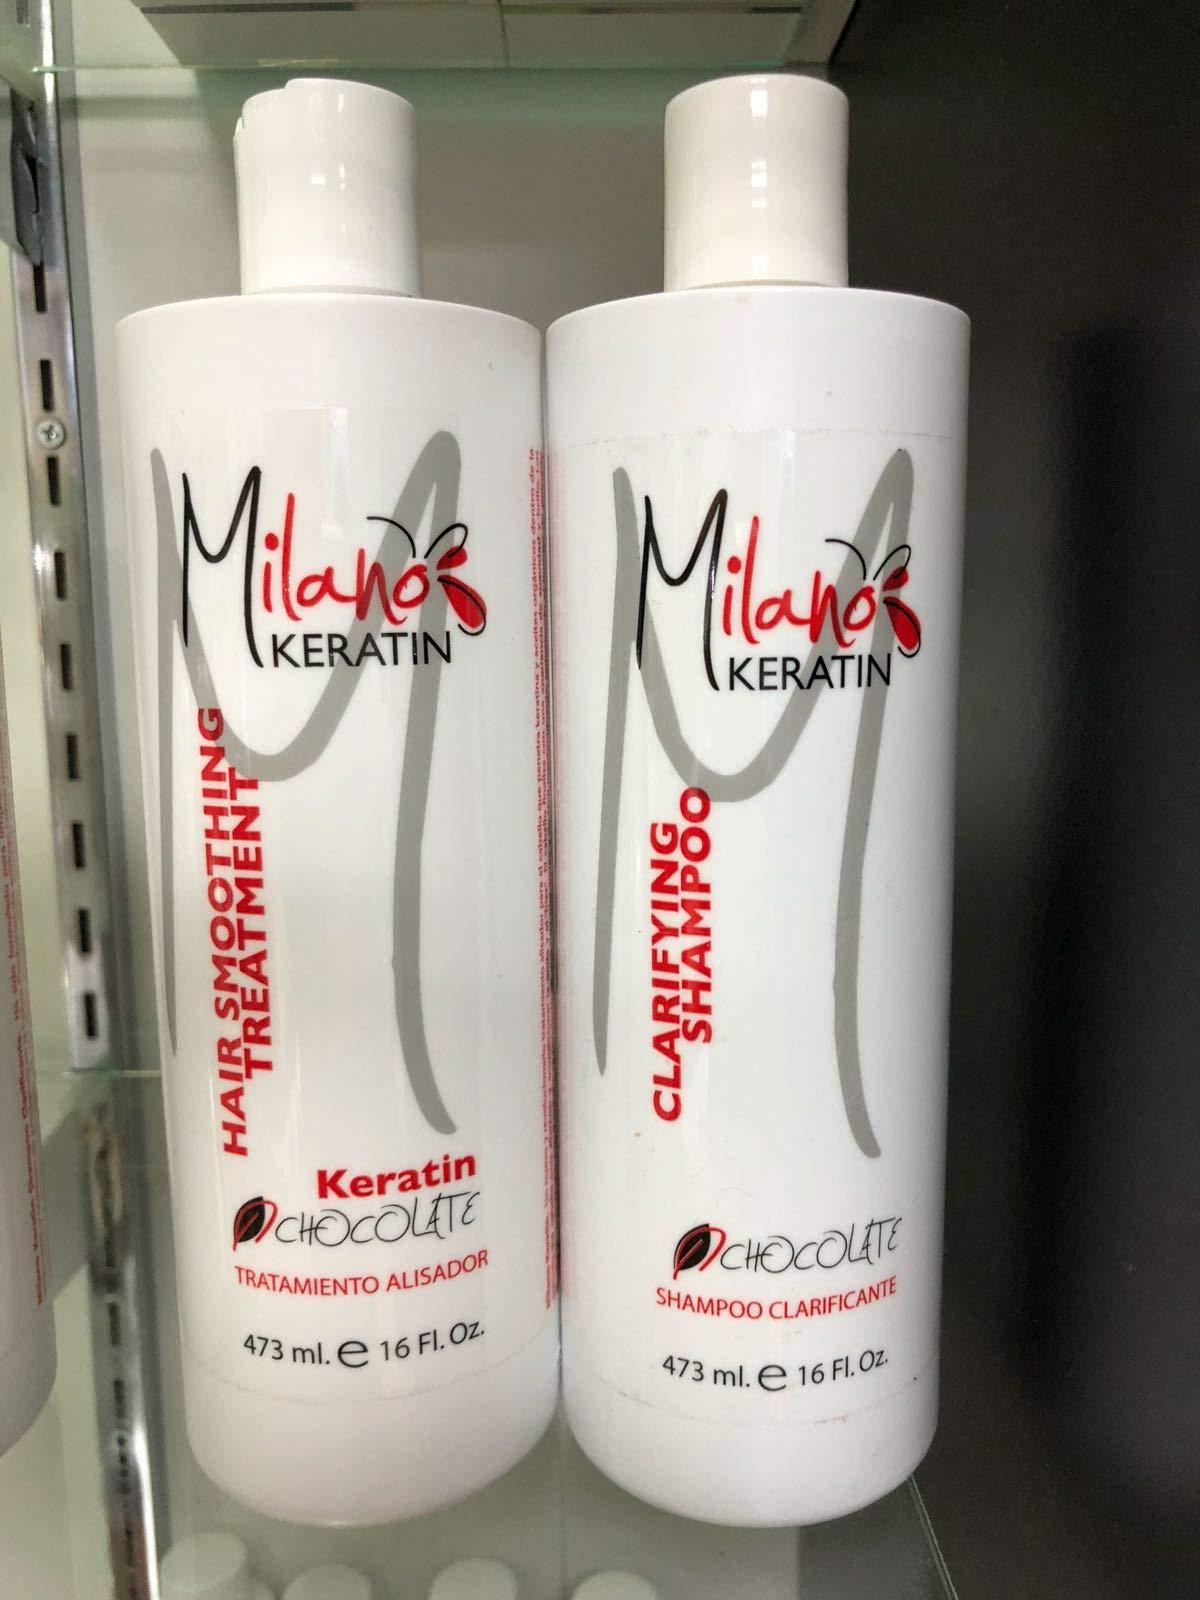 Milano Keratin Chocolate Keratin & Clarifying Shampoo - 473ml